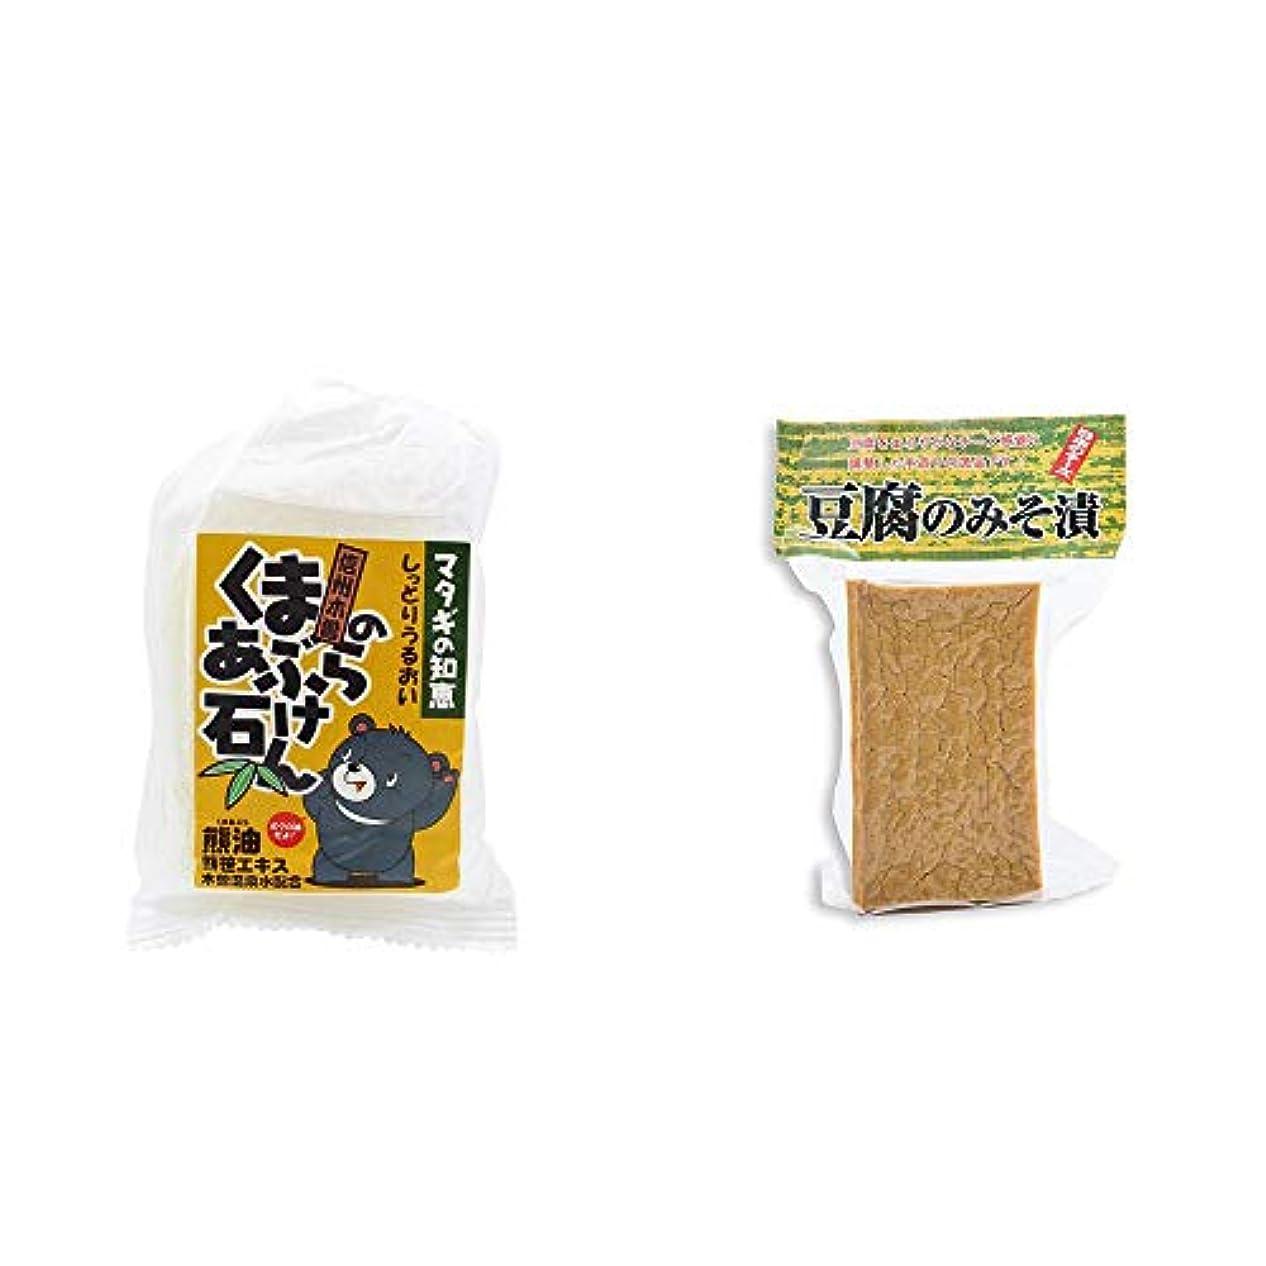 土櫛タイマー[2点セット] 信州木曽 くまのあぶら石けん(80g)?日本のチーズ 豆腐のみそ漬(1個入)